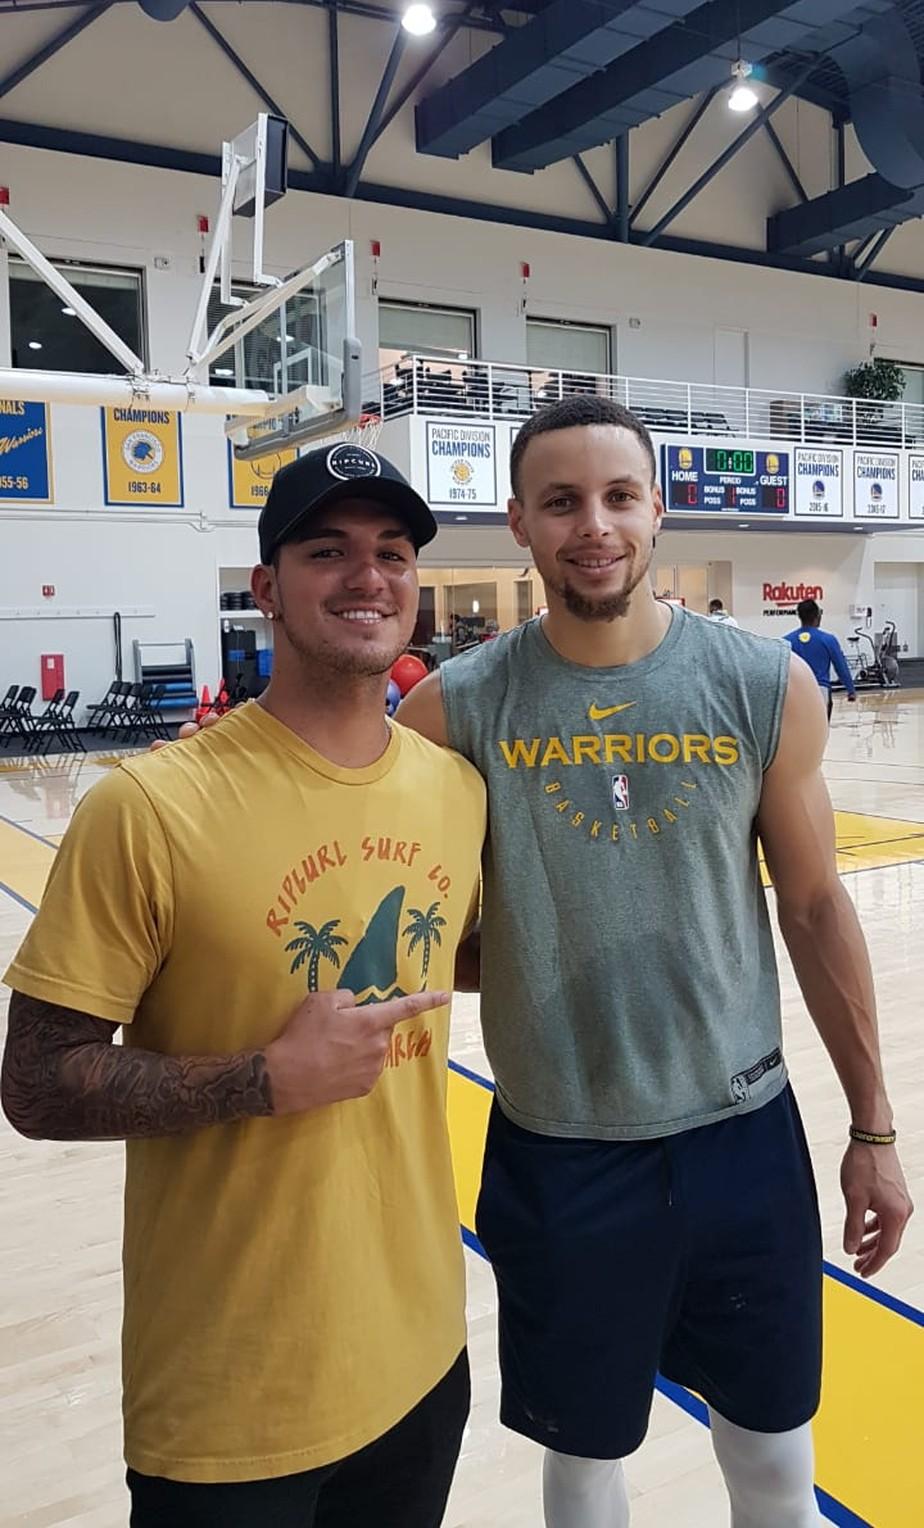 Gabriel Medina visita treino dos Warriors, tieta Curry e faz bonito ao entrar em quadra